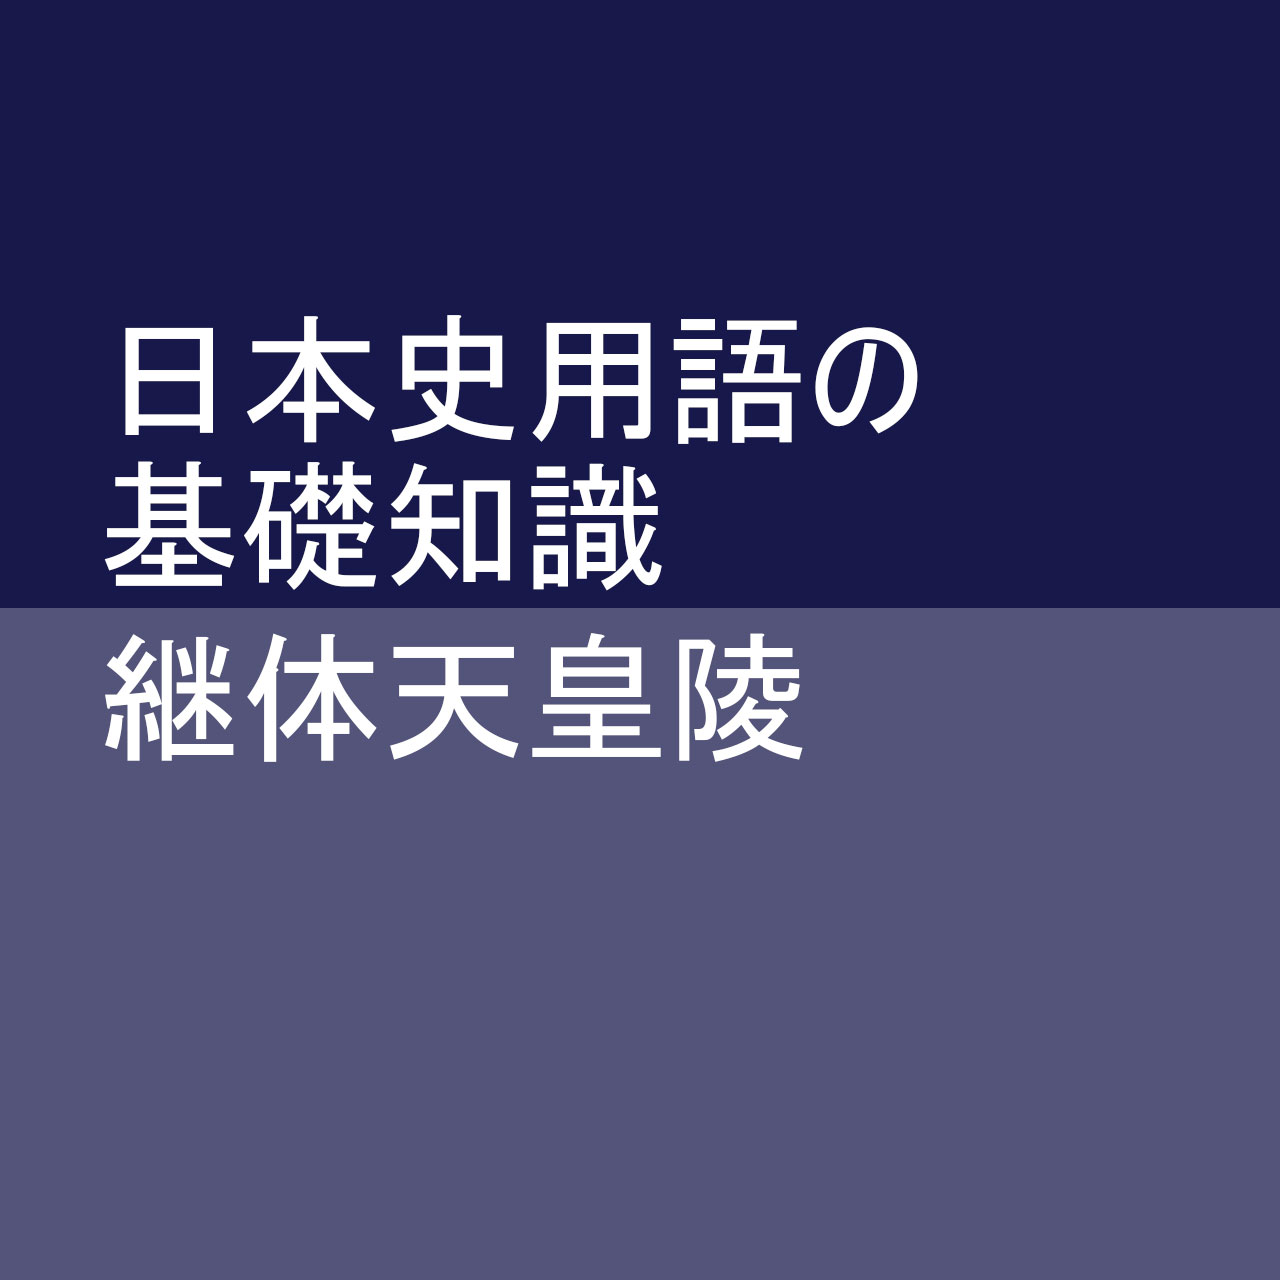 継体天皇陵